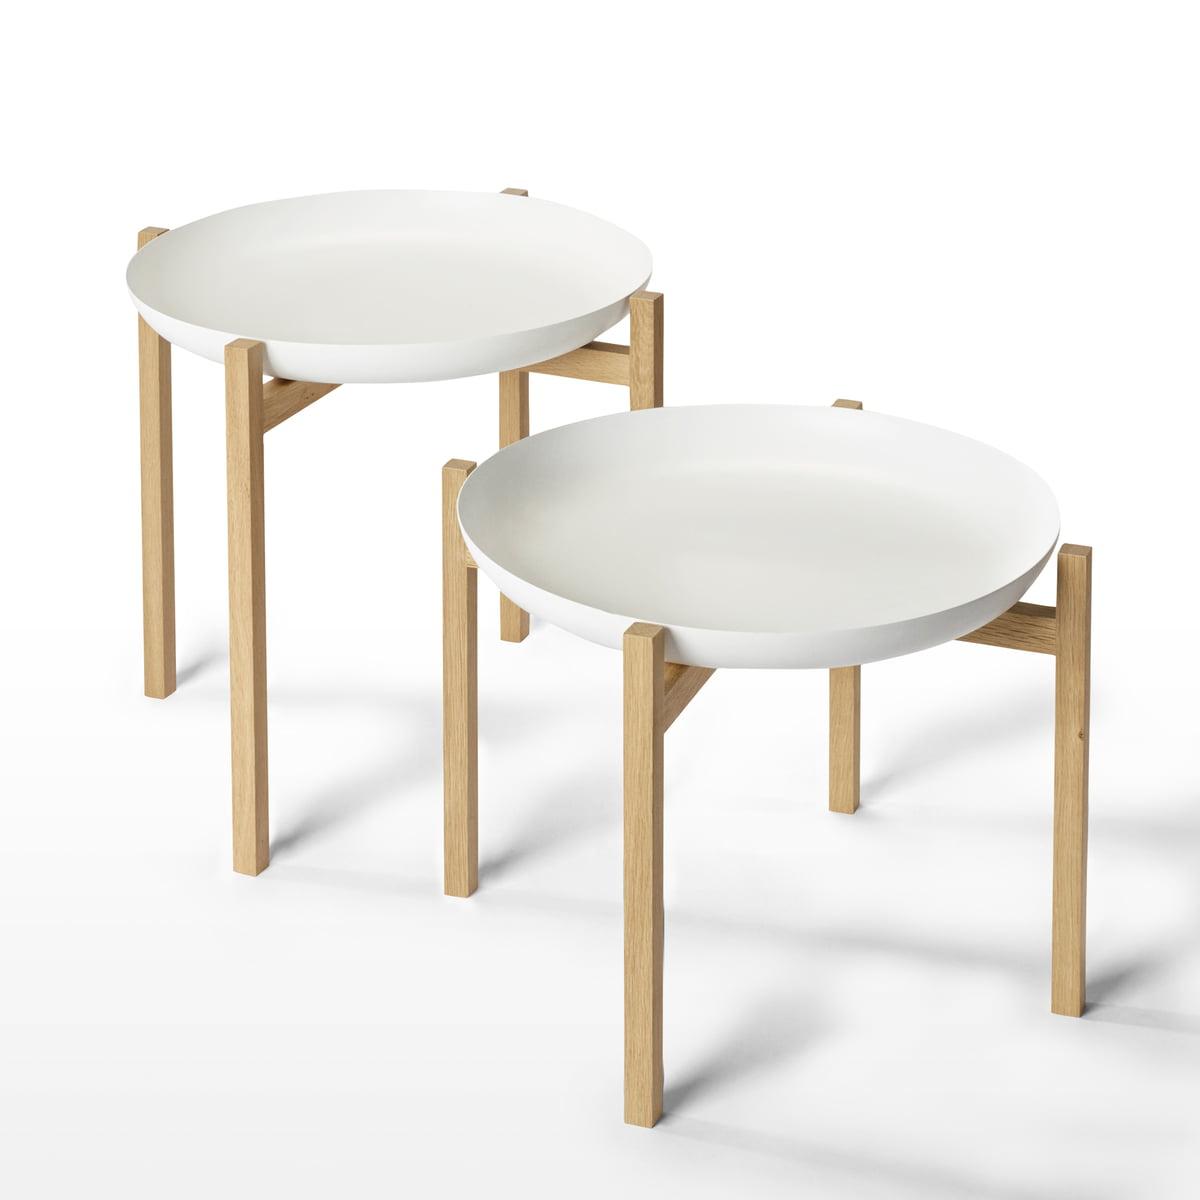 table d 39 appoint tablo design house stockholm. Black Bedroom Furniture Sets. Home Design Ideas